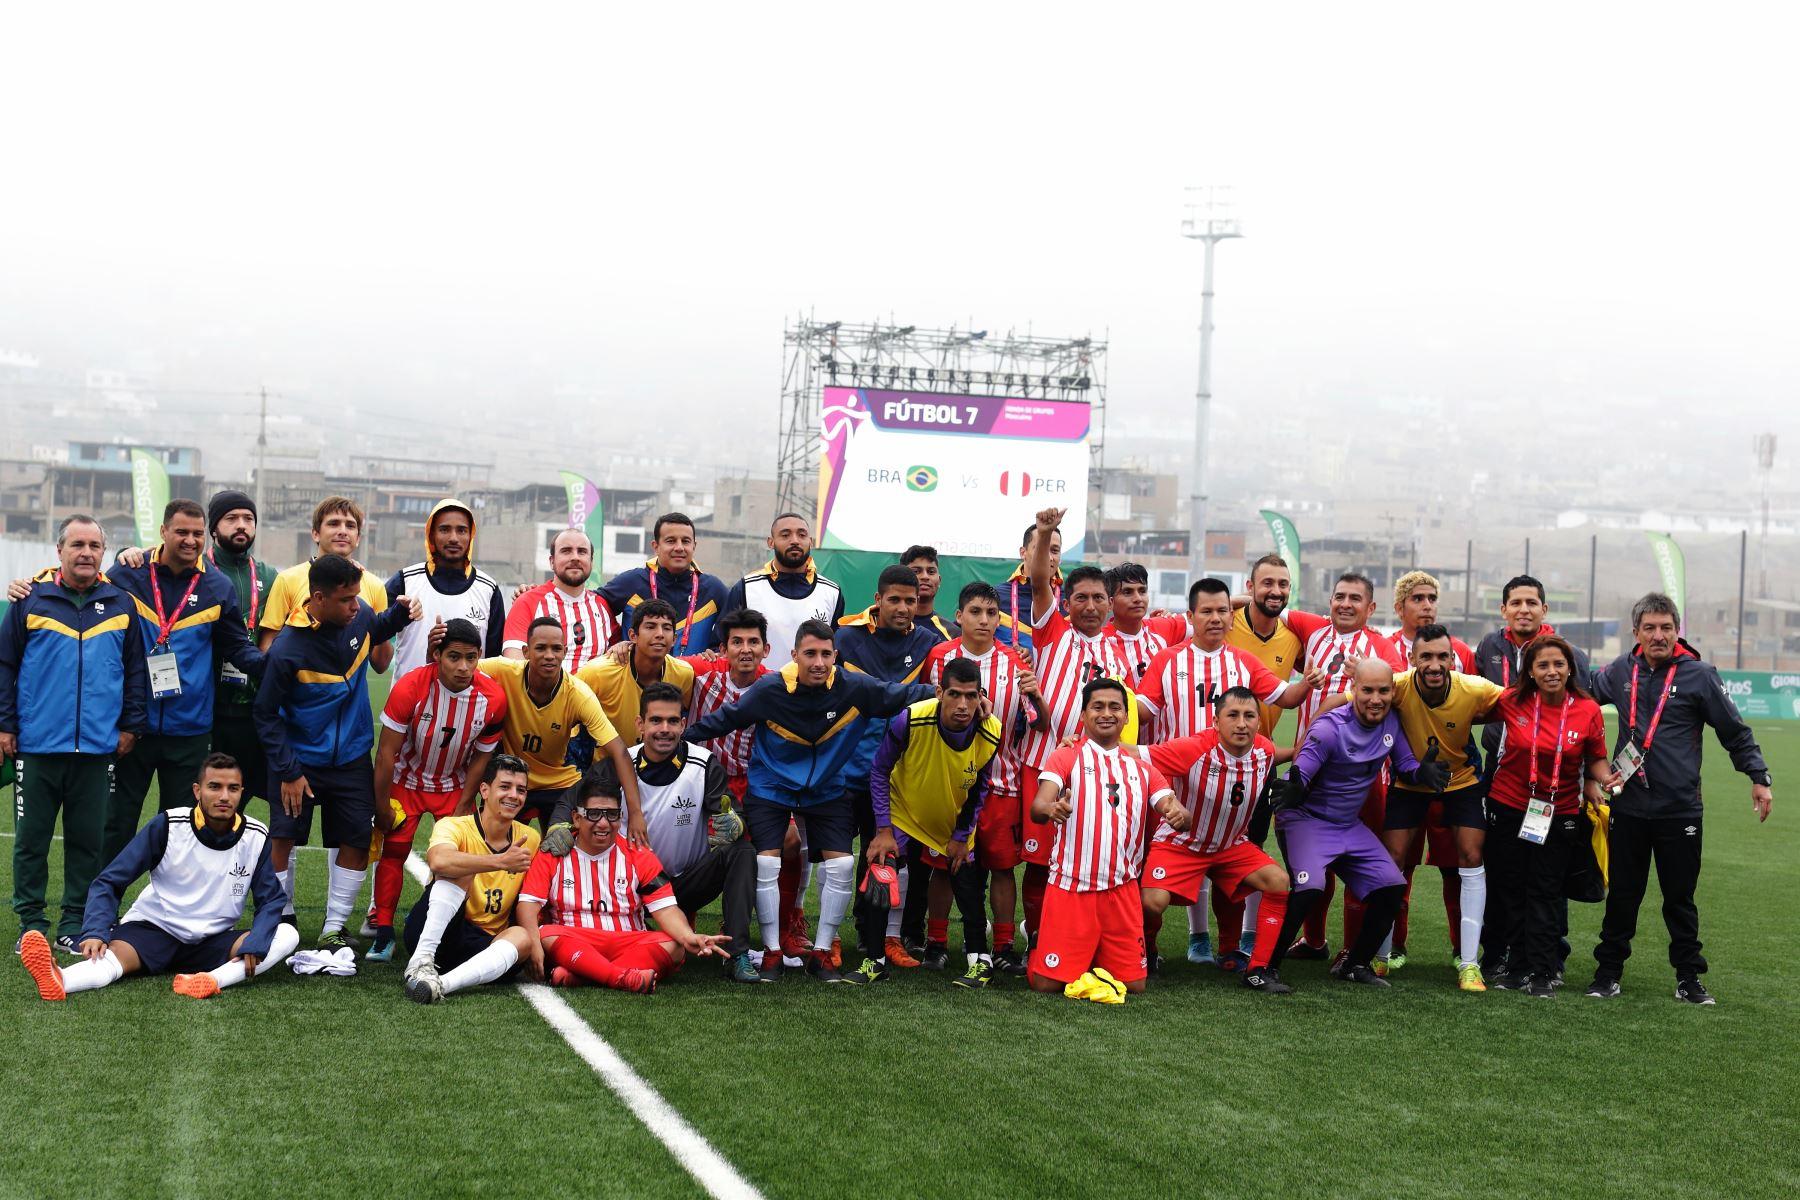 Perú se enfrenta a Brasil en Futbol 7 por los Juegos Parapanamericanos Lima 2019. Foto:Lima 2019